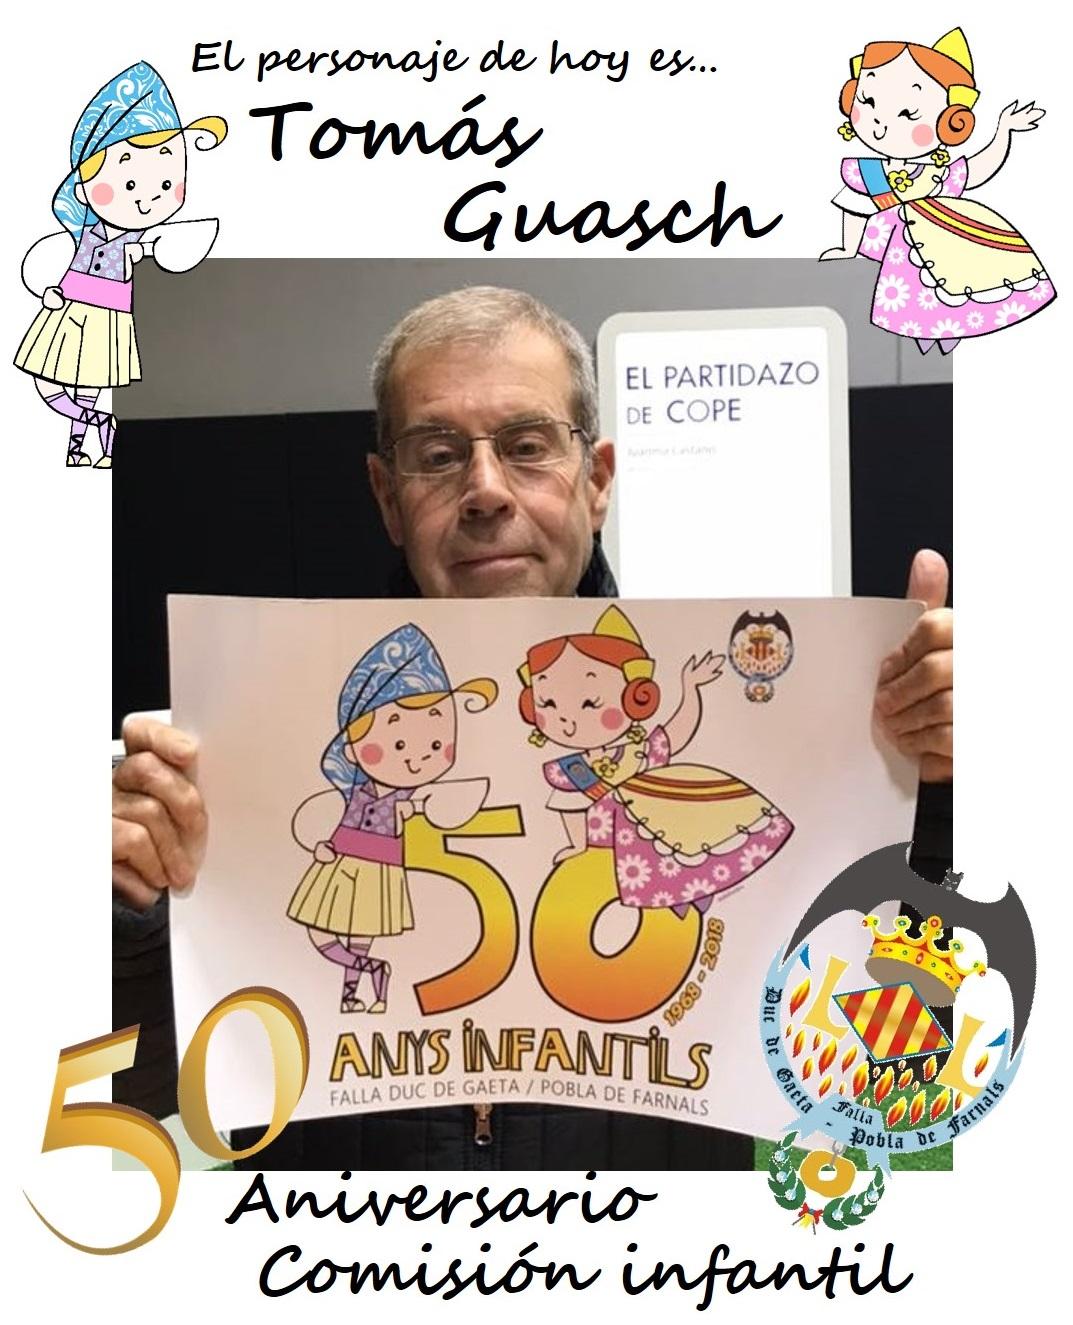 Personaje del día: Tomás Guasch